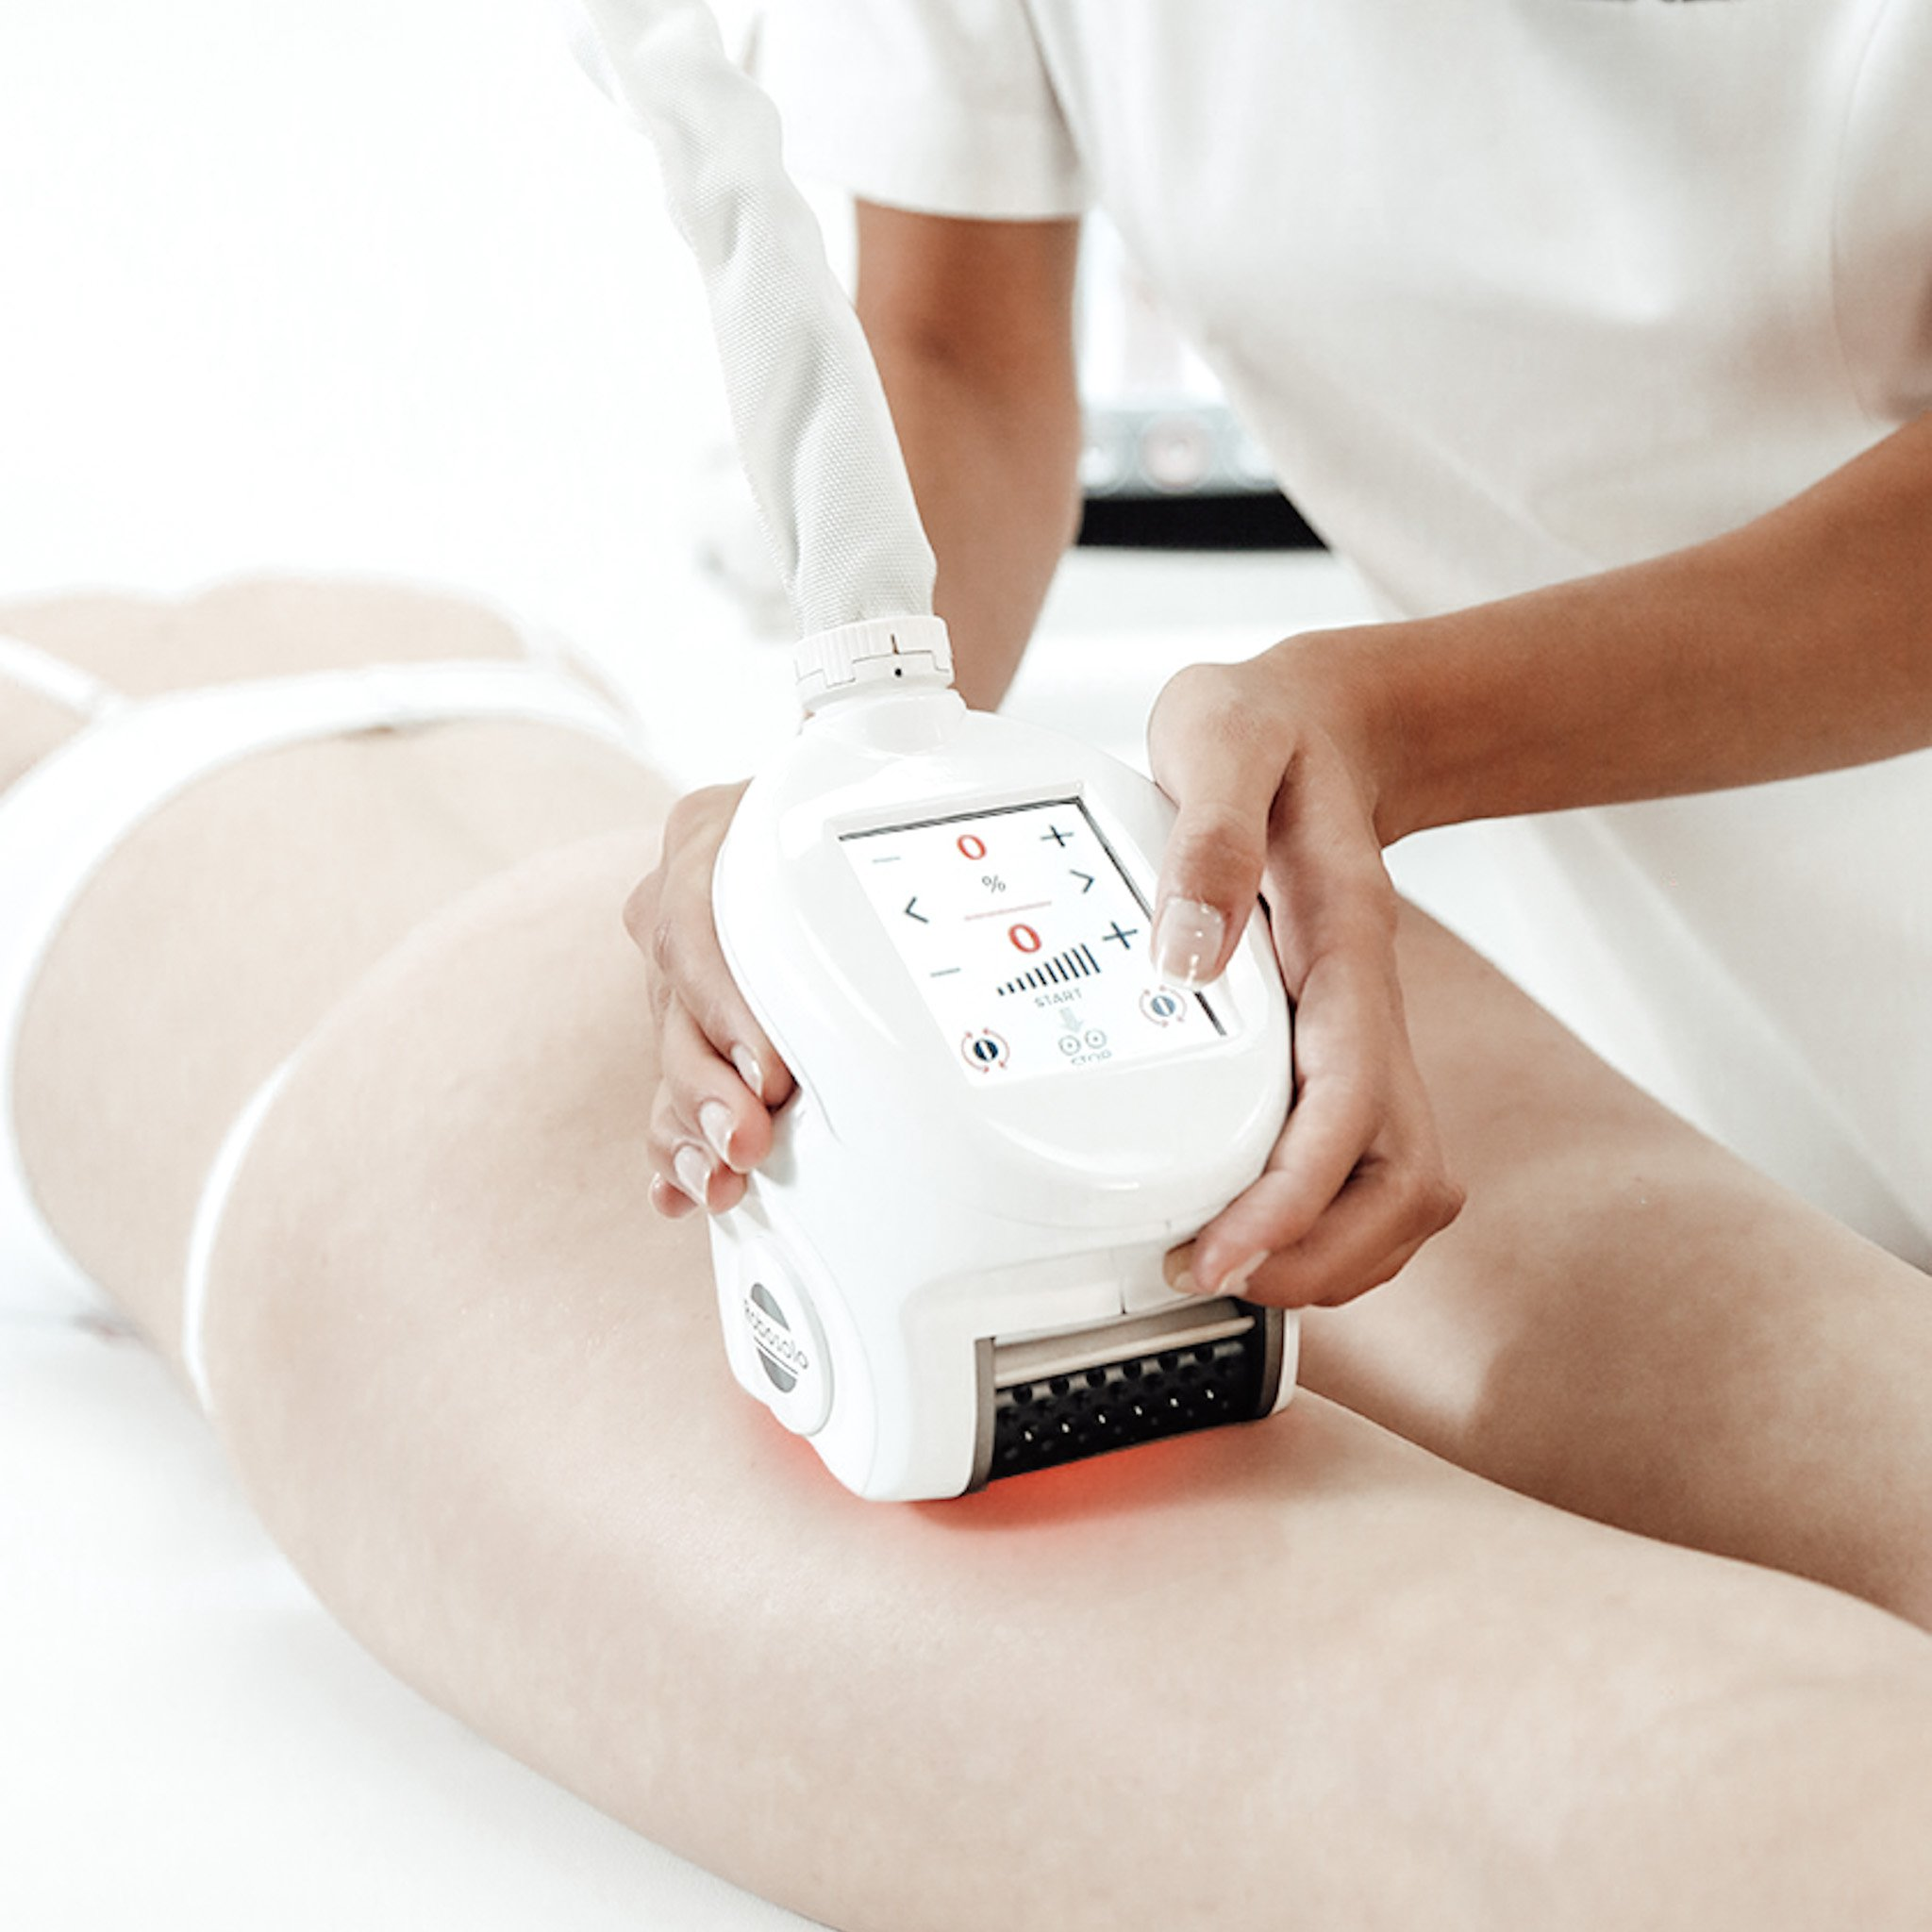 lichaam bindweefselmassage | Senses Skin Health